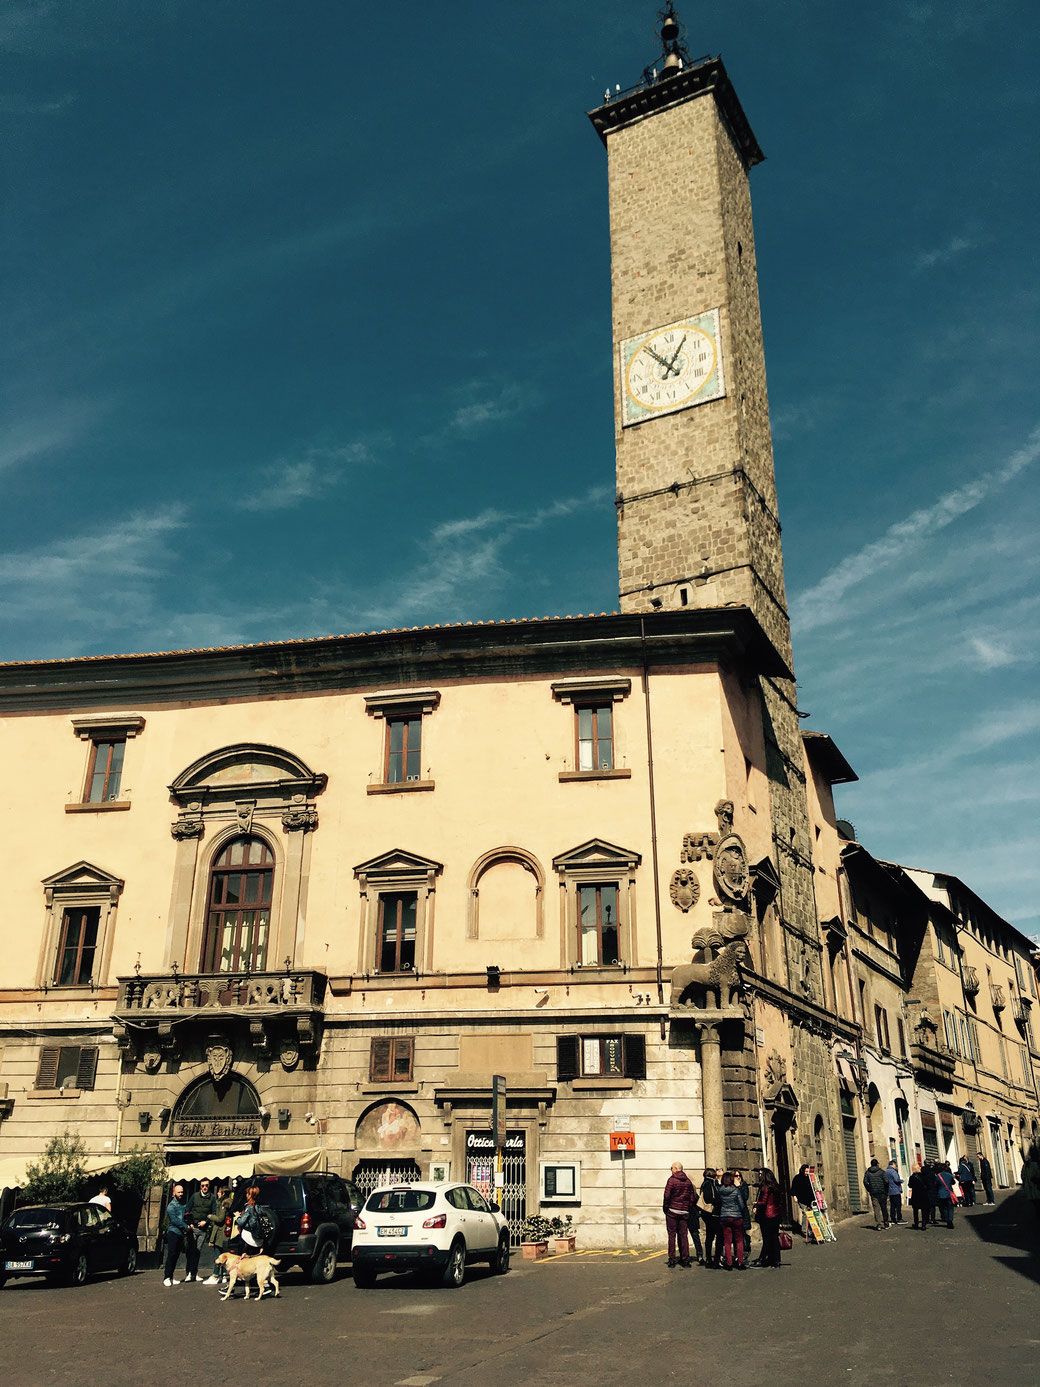 Piazza del Plebiscito in Viterbo